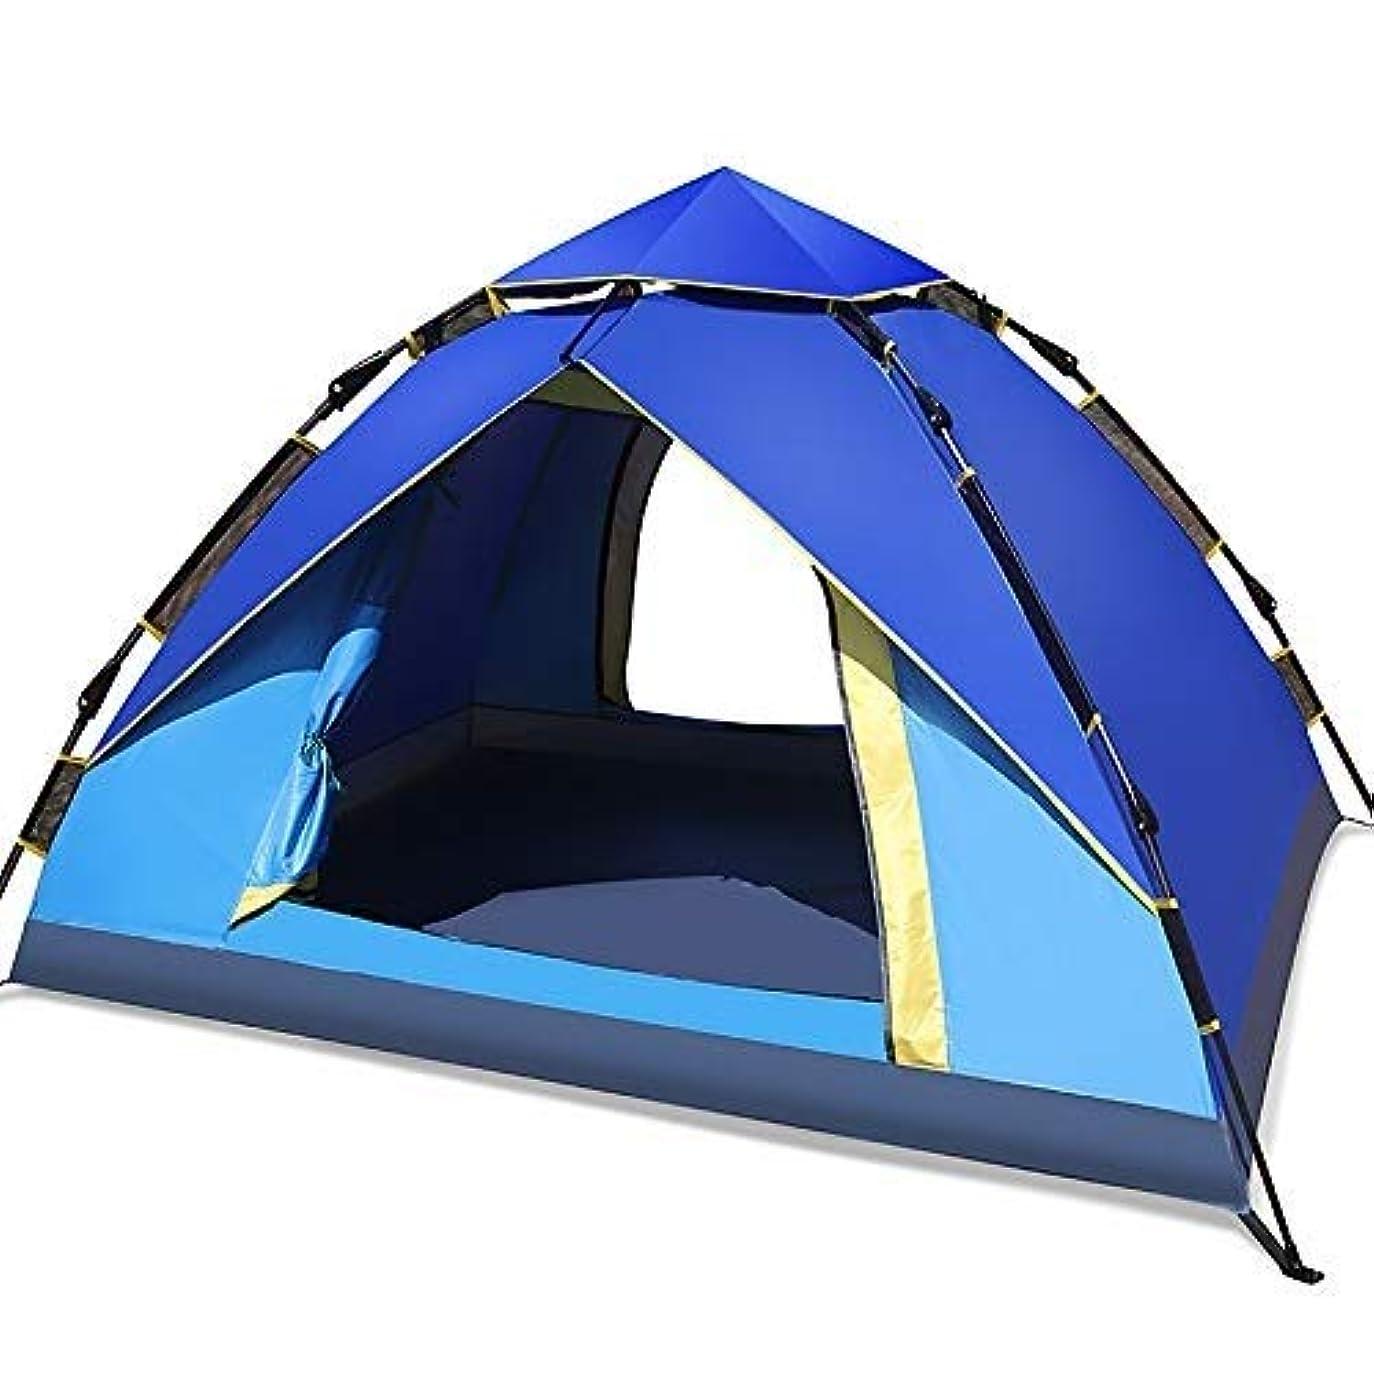 デンマーク語定規征服者FH 自動屋外テント3-4人キャンプテント無料インストールレジャー旅行トリップクライミングキャンプテント